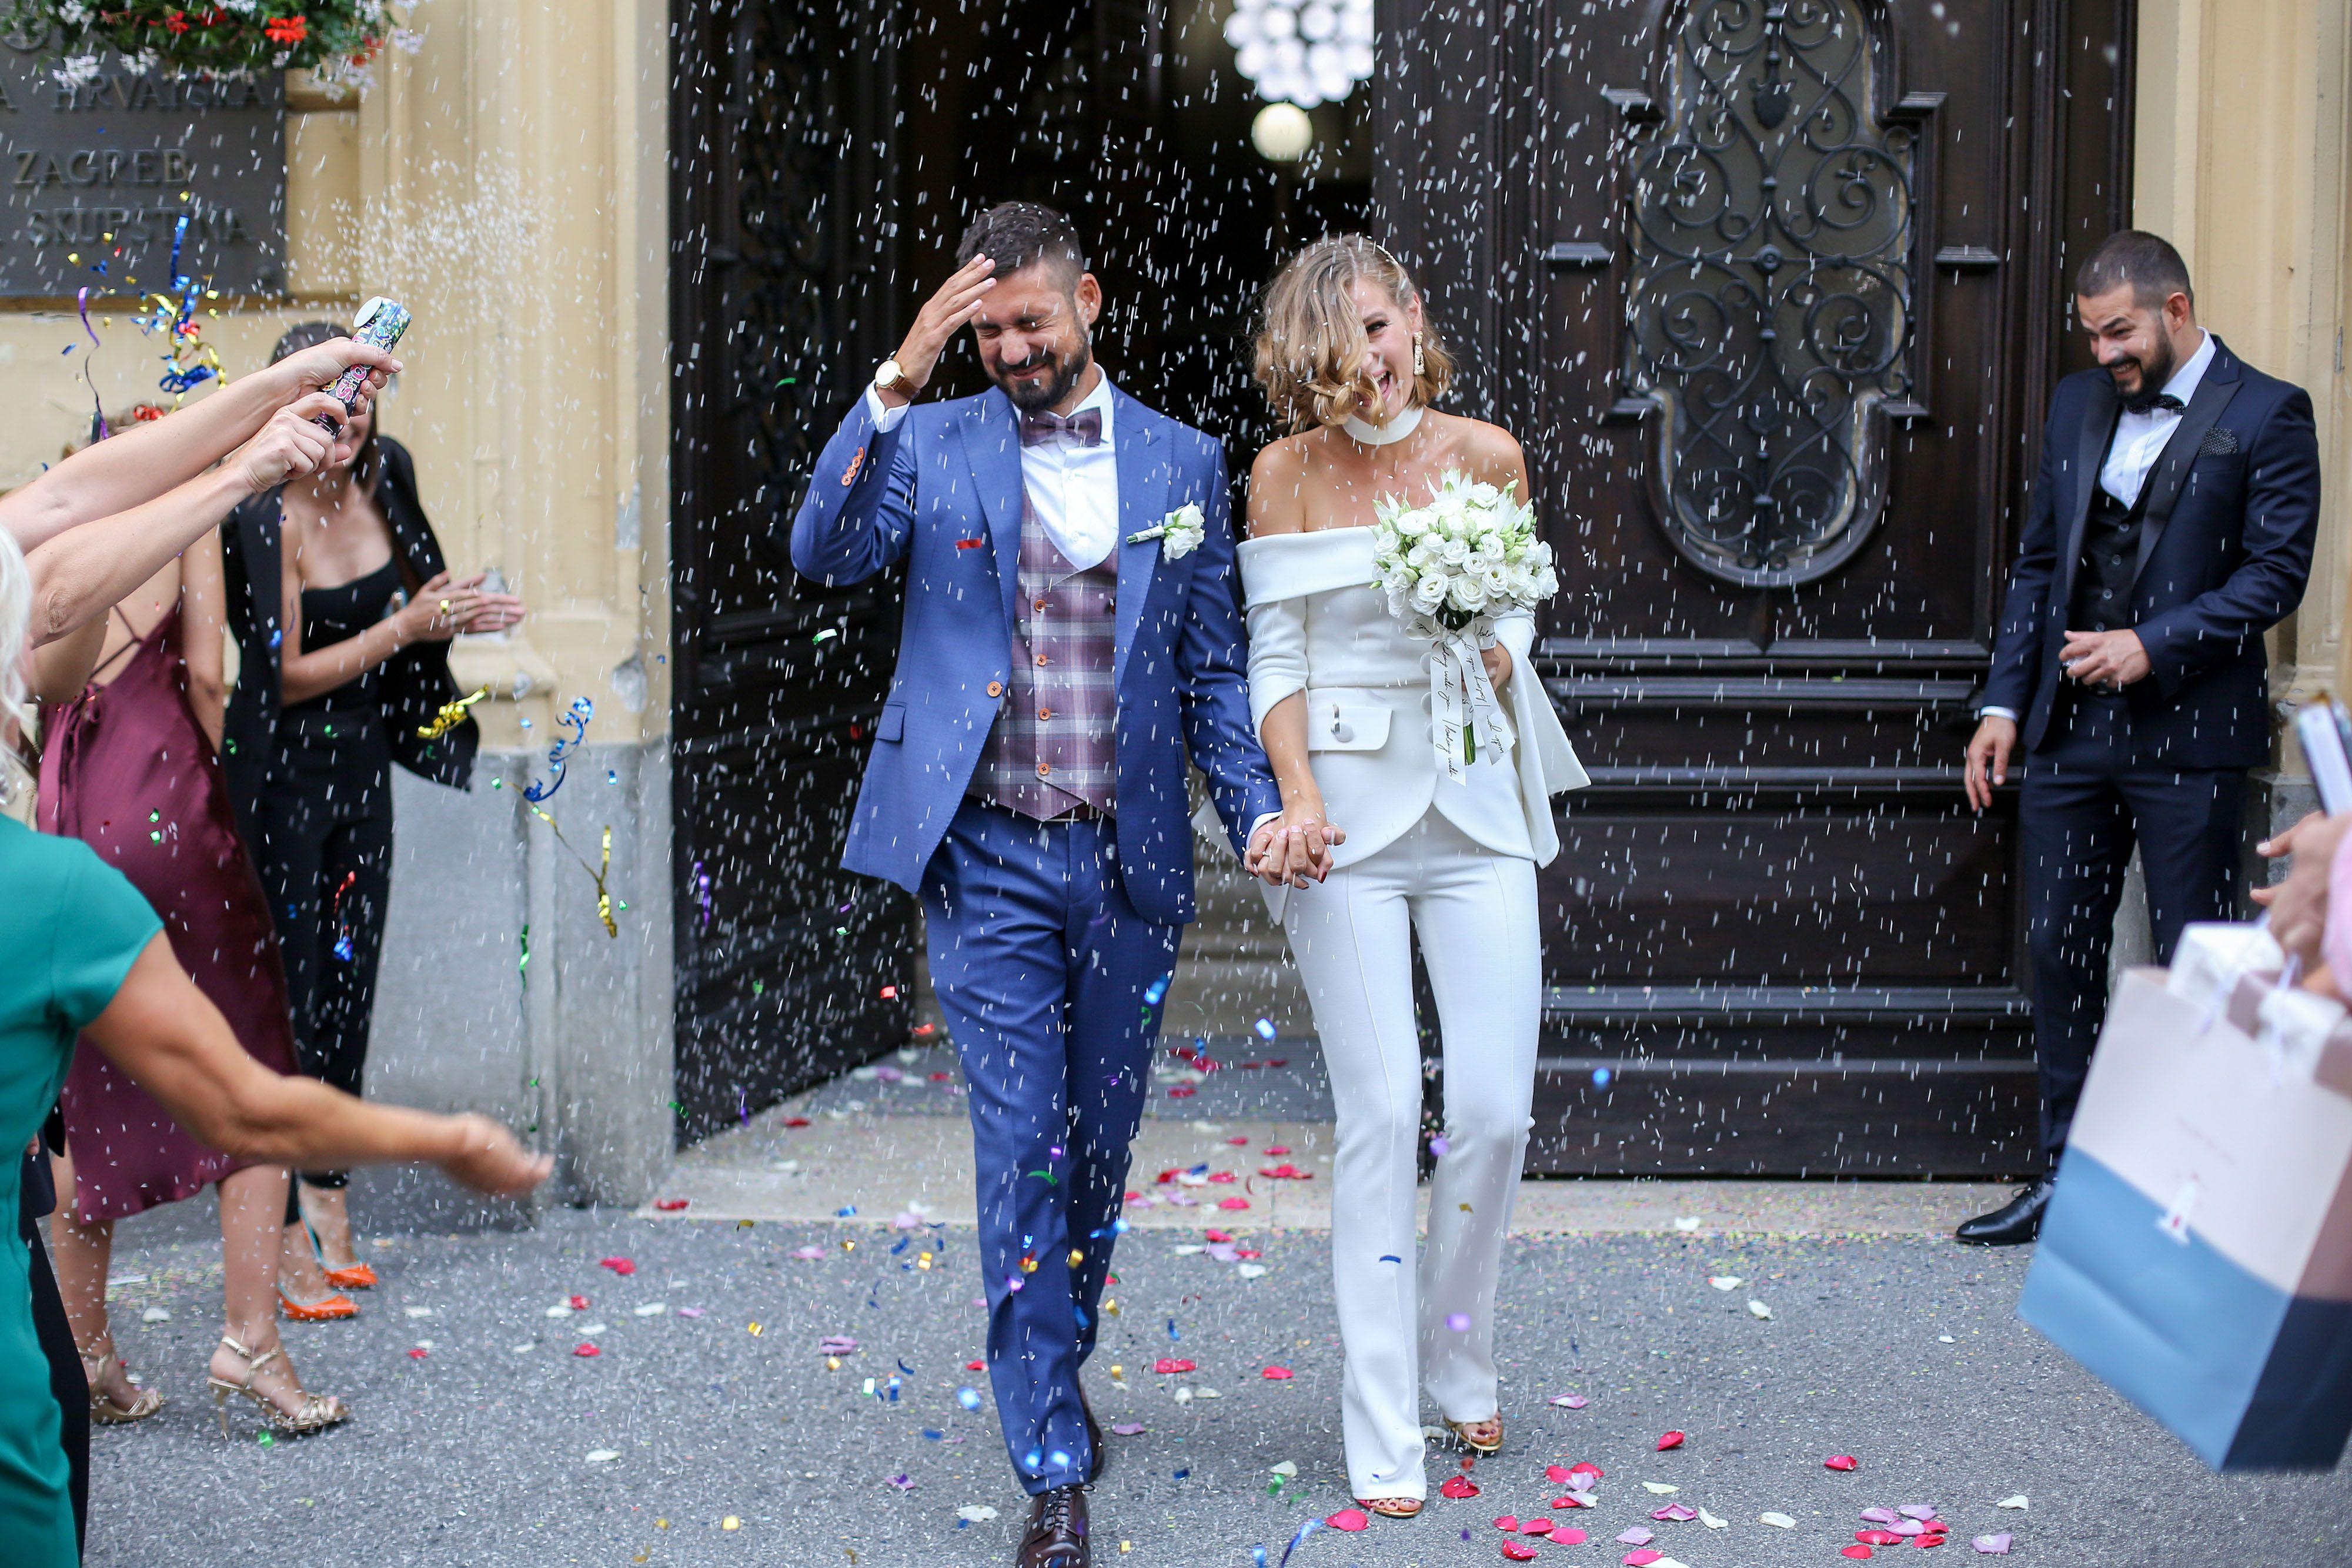 Evo koji dizajneri stoje iza odijela koja je hrvatski modni 'power couple' nosio na vjenčanju